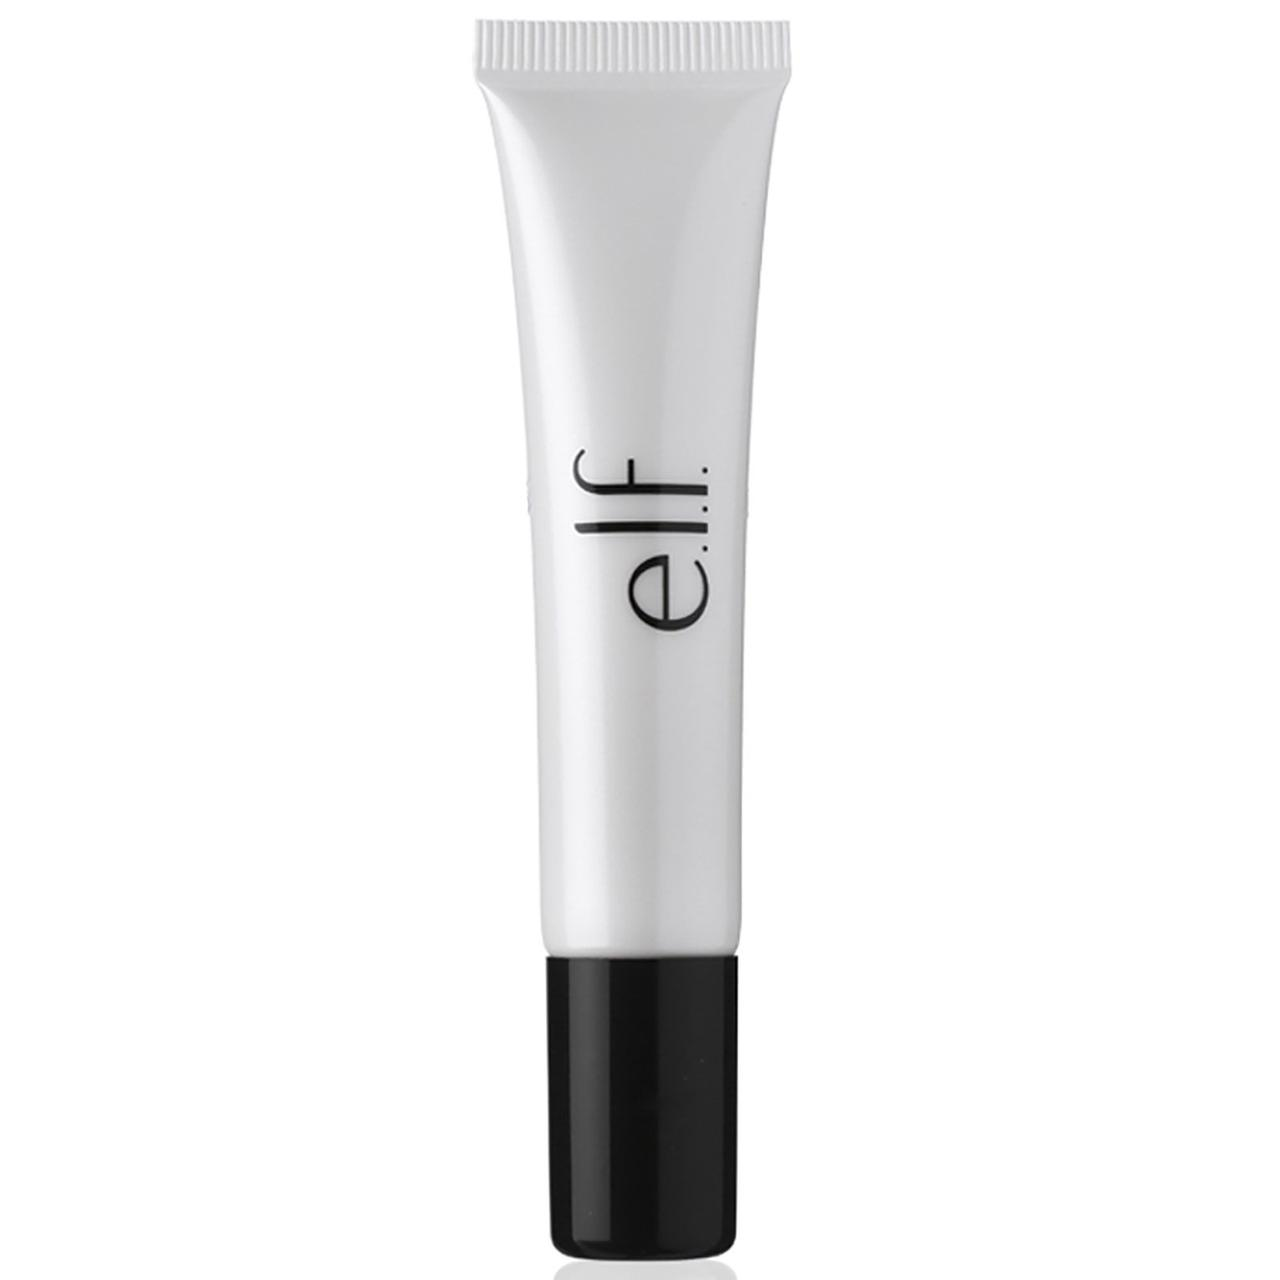 E.L.F. Cosmetics, Beautifully Bare, жидкий хайлайтер, осветляющий, 0,5 унций (15 г)